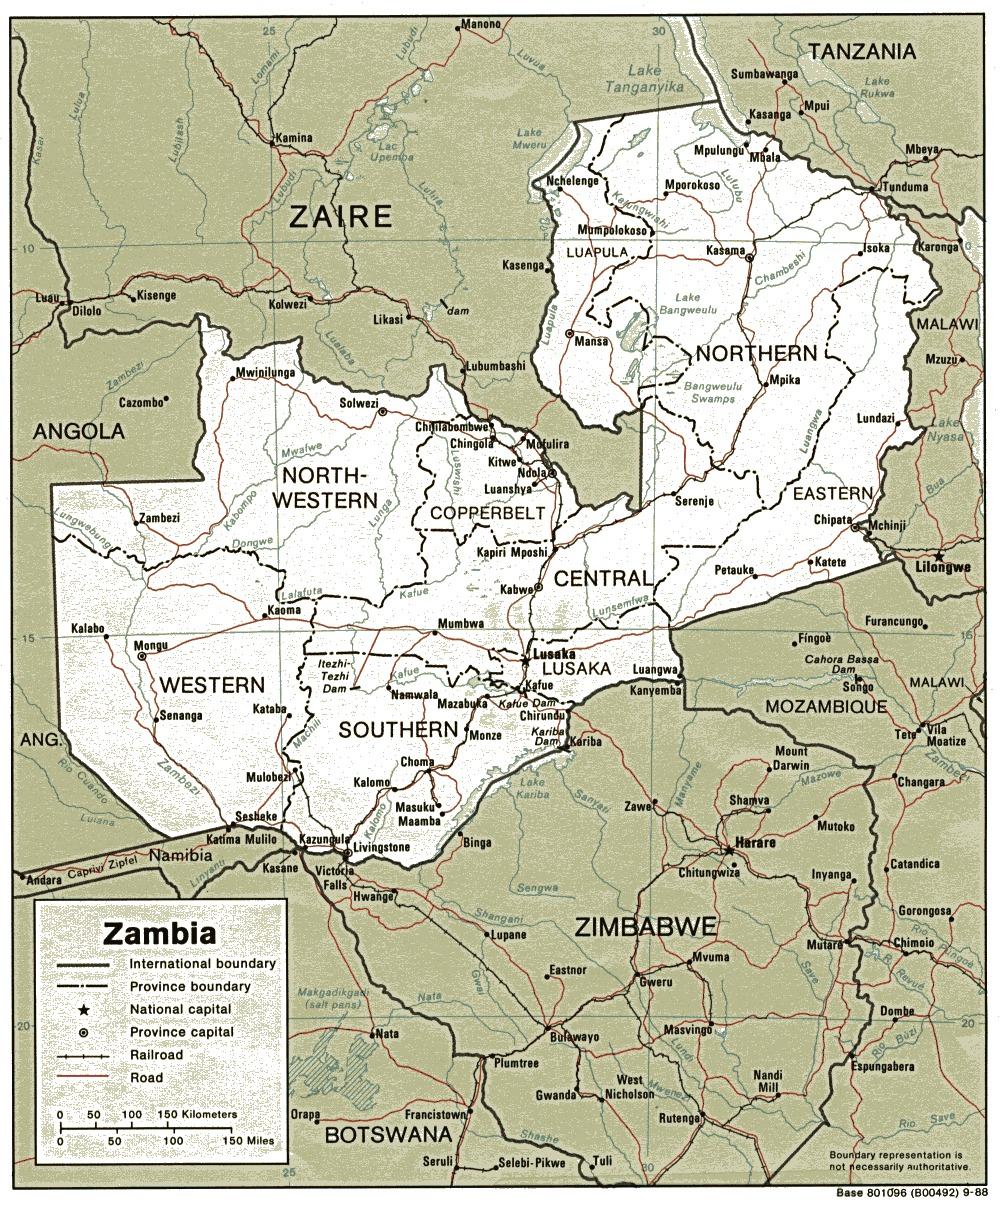 Mapa Politico de Zambia